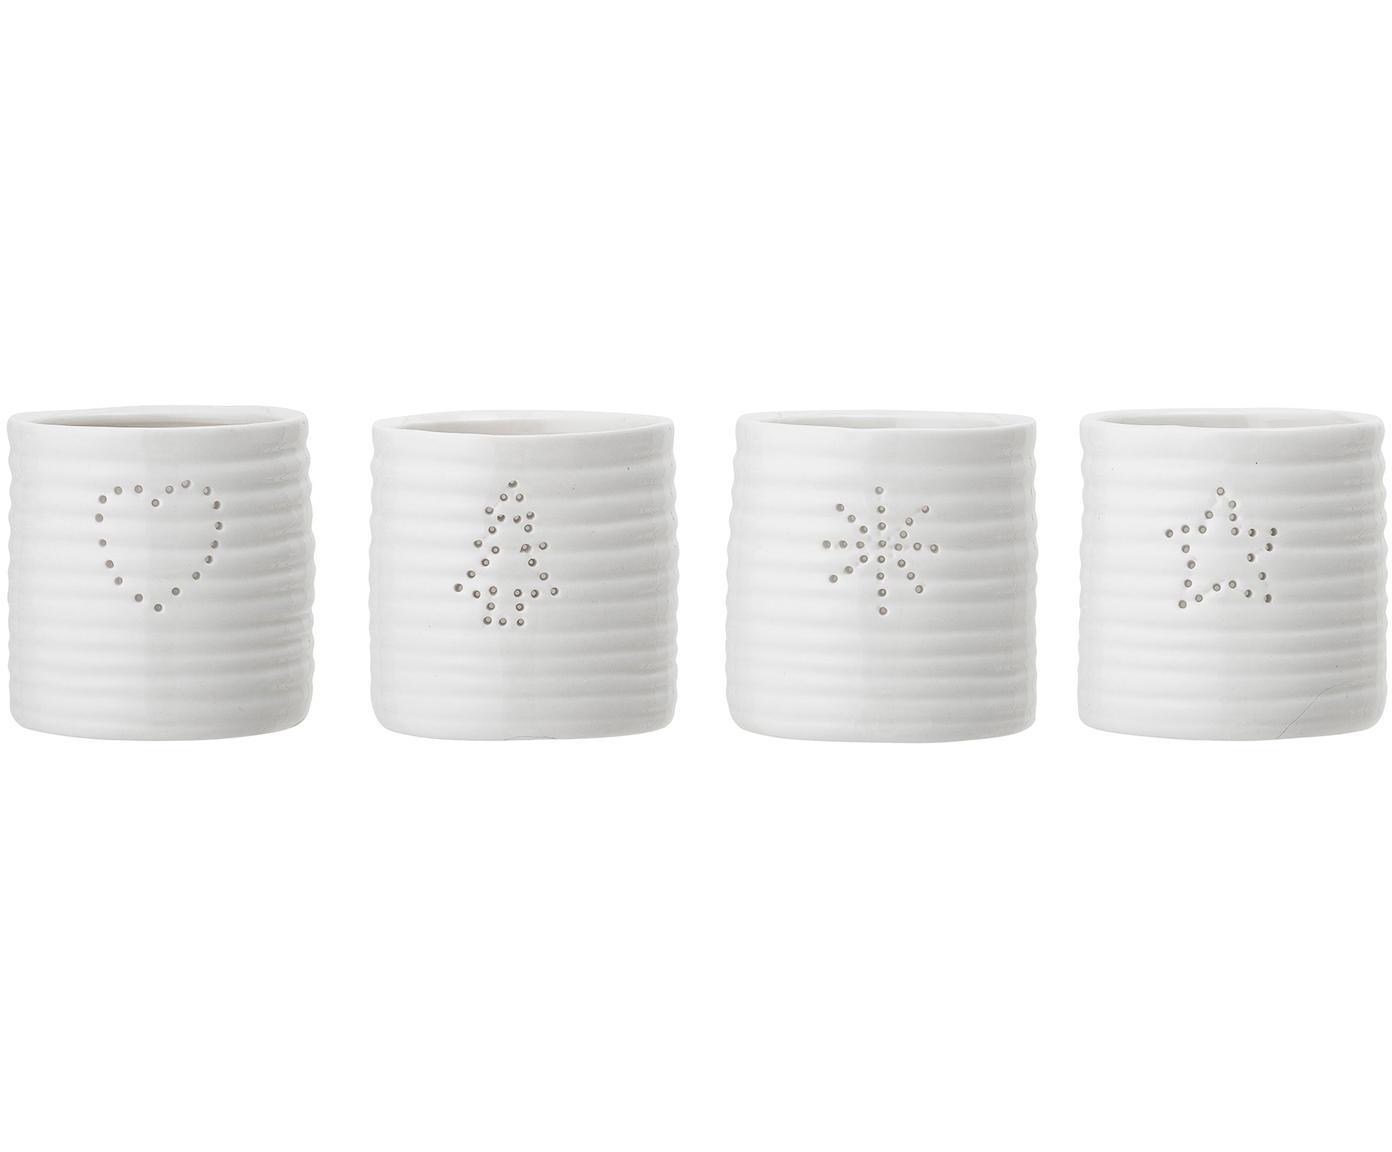 Teelichthalter-Set Sara, 4-tlg., Steingut, Weiss, Ø 7 x H 7 cm